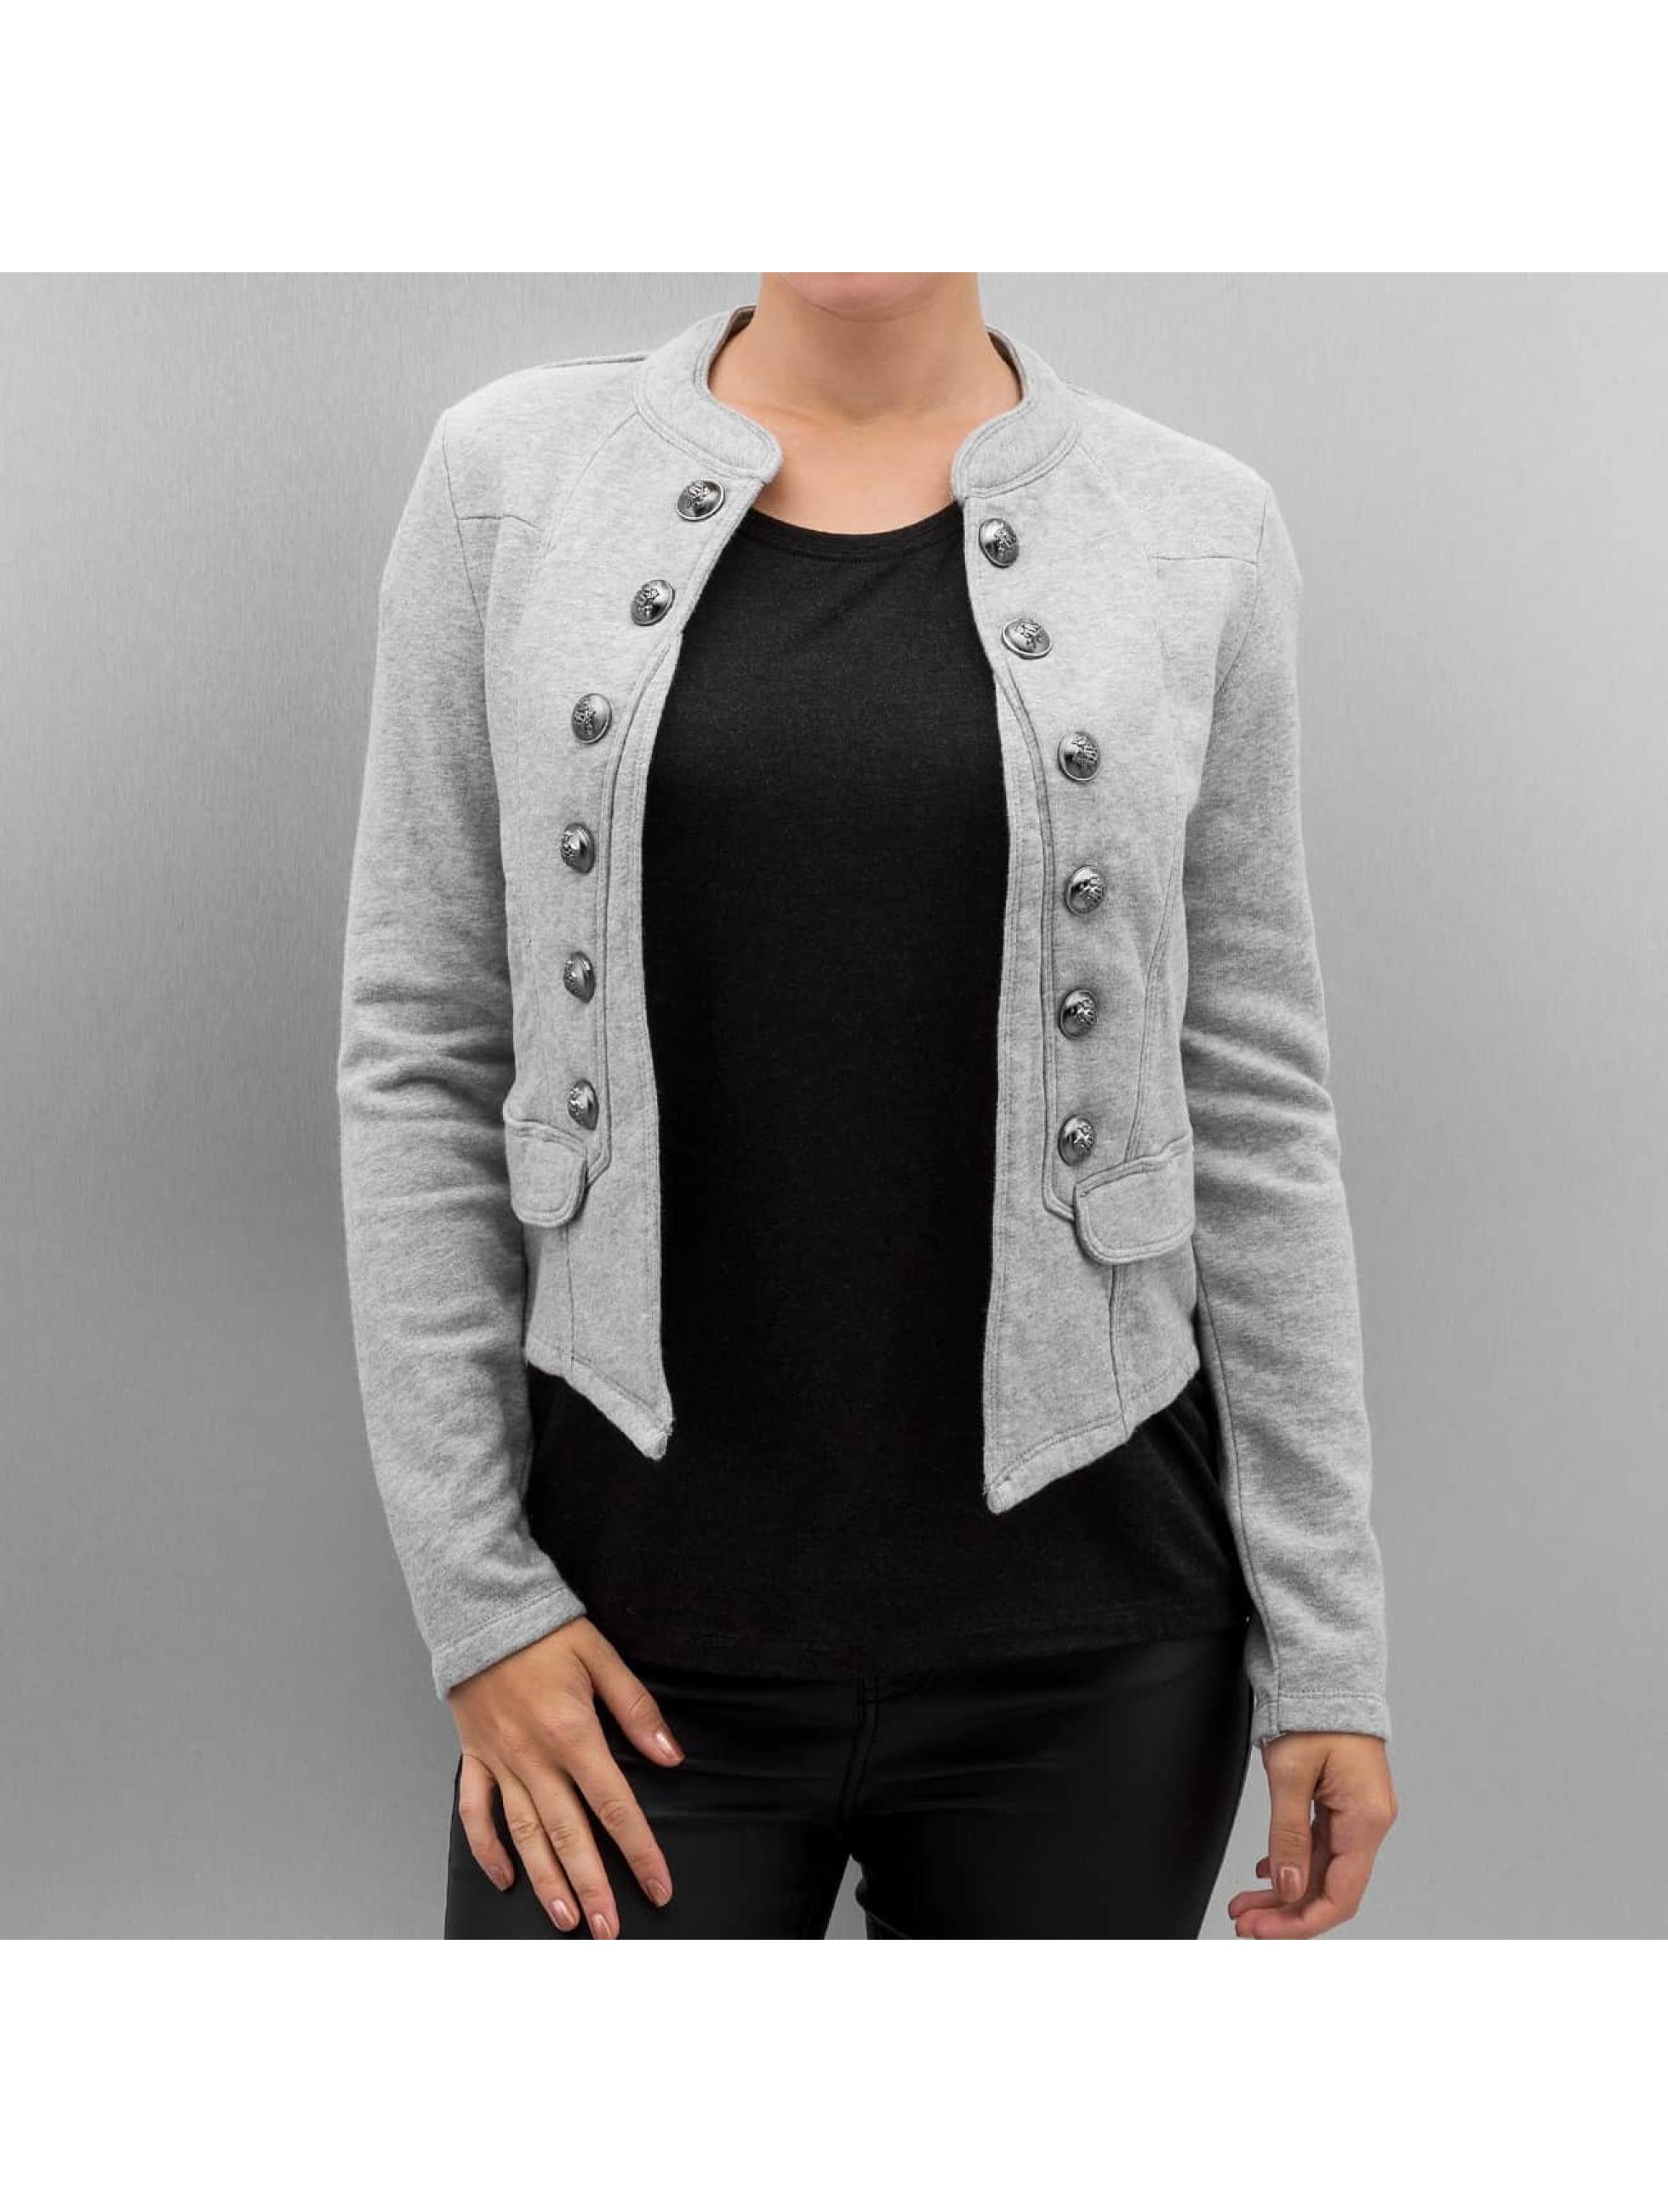 Veste femme La veste femme zippée et cintrée en polyester est le modèle de l'élégance sportswear. La veste tailleur est, quant à elle, destinée à compléter un pantalon en toute sobriété et discrétion, traduisant une image soignée, idéale pour une tenue de ceremonie.